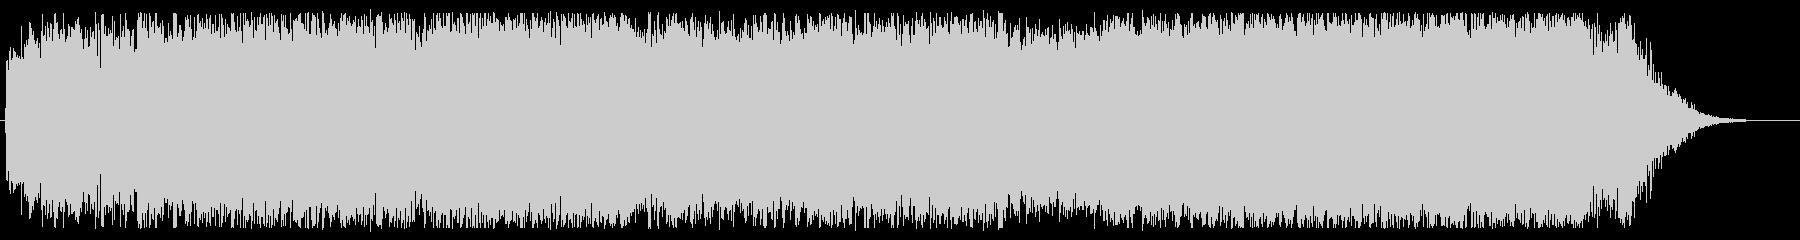 ダークファンタジーオーケストラ戦闘曲63の未再生の波形